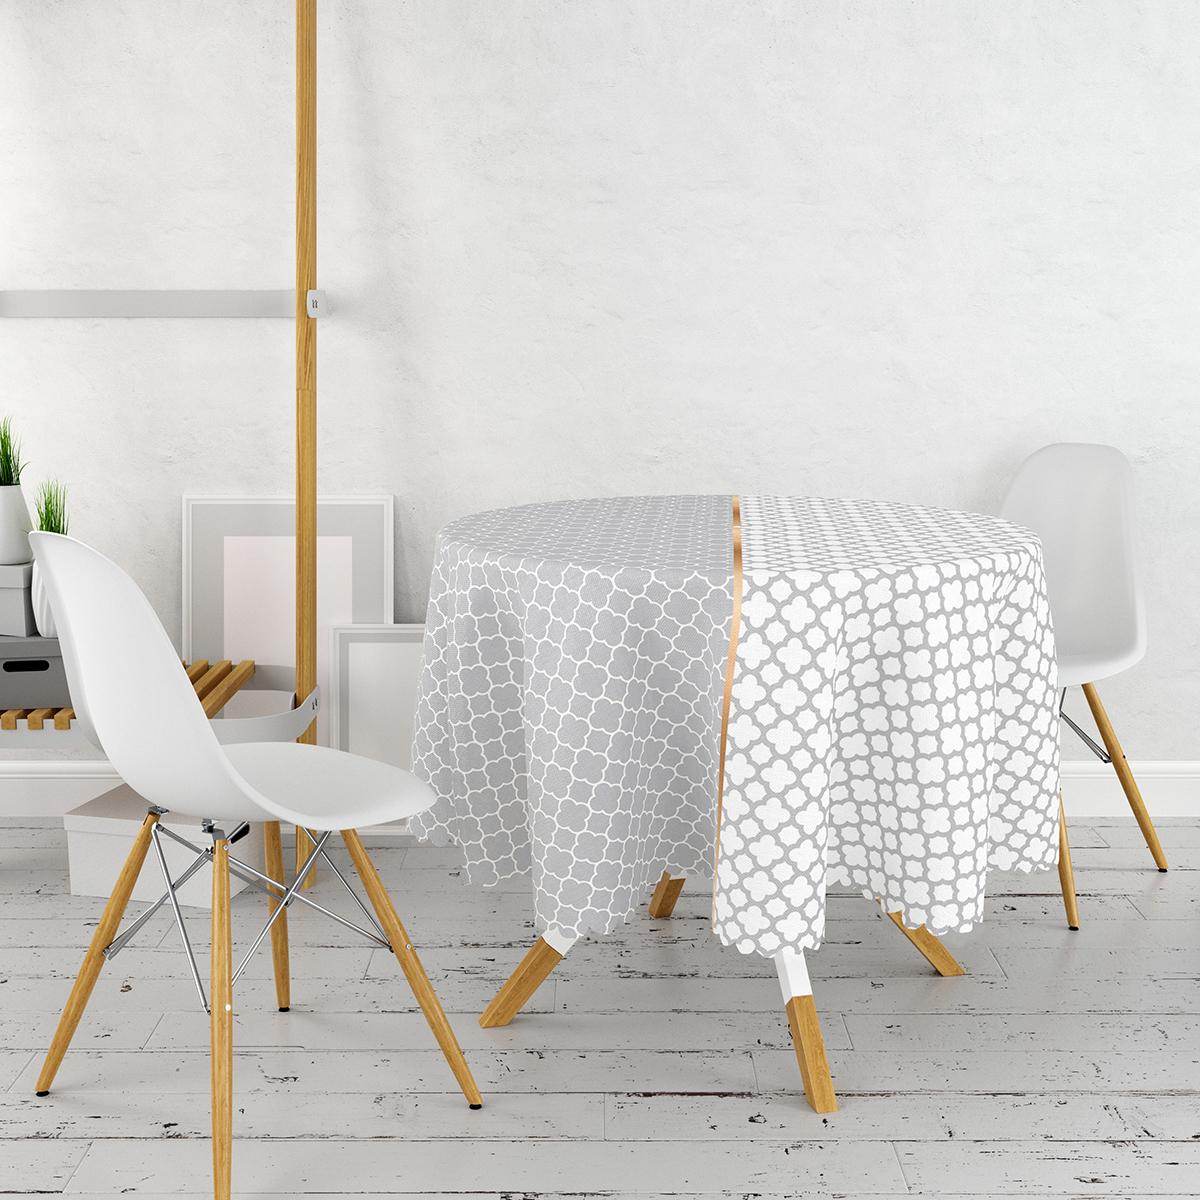 Gri & Beyaz Ogea Desenli Dijital Baskılı Yuvarlak Masa Örtüsü - Çap 140cm Realhomes